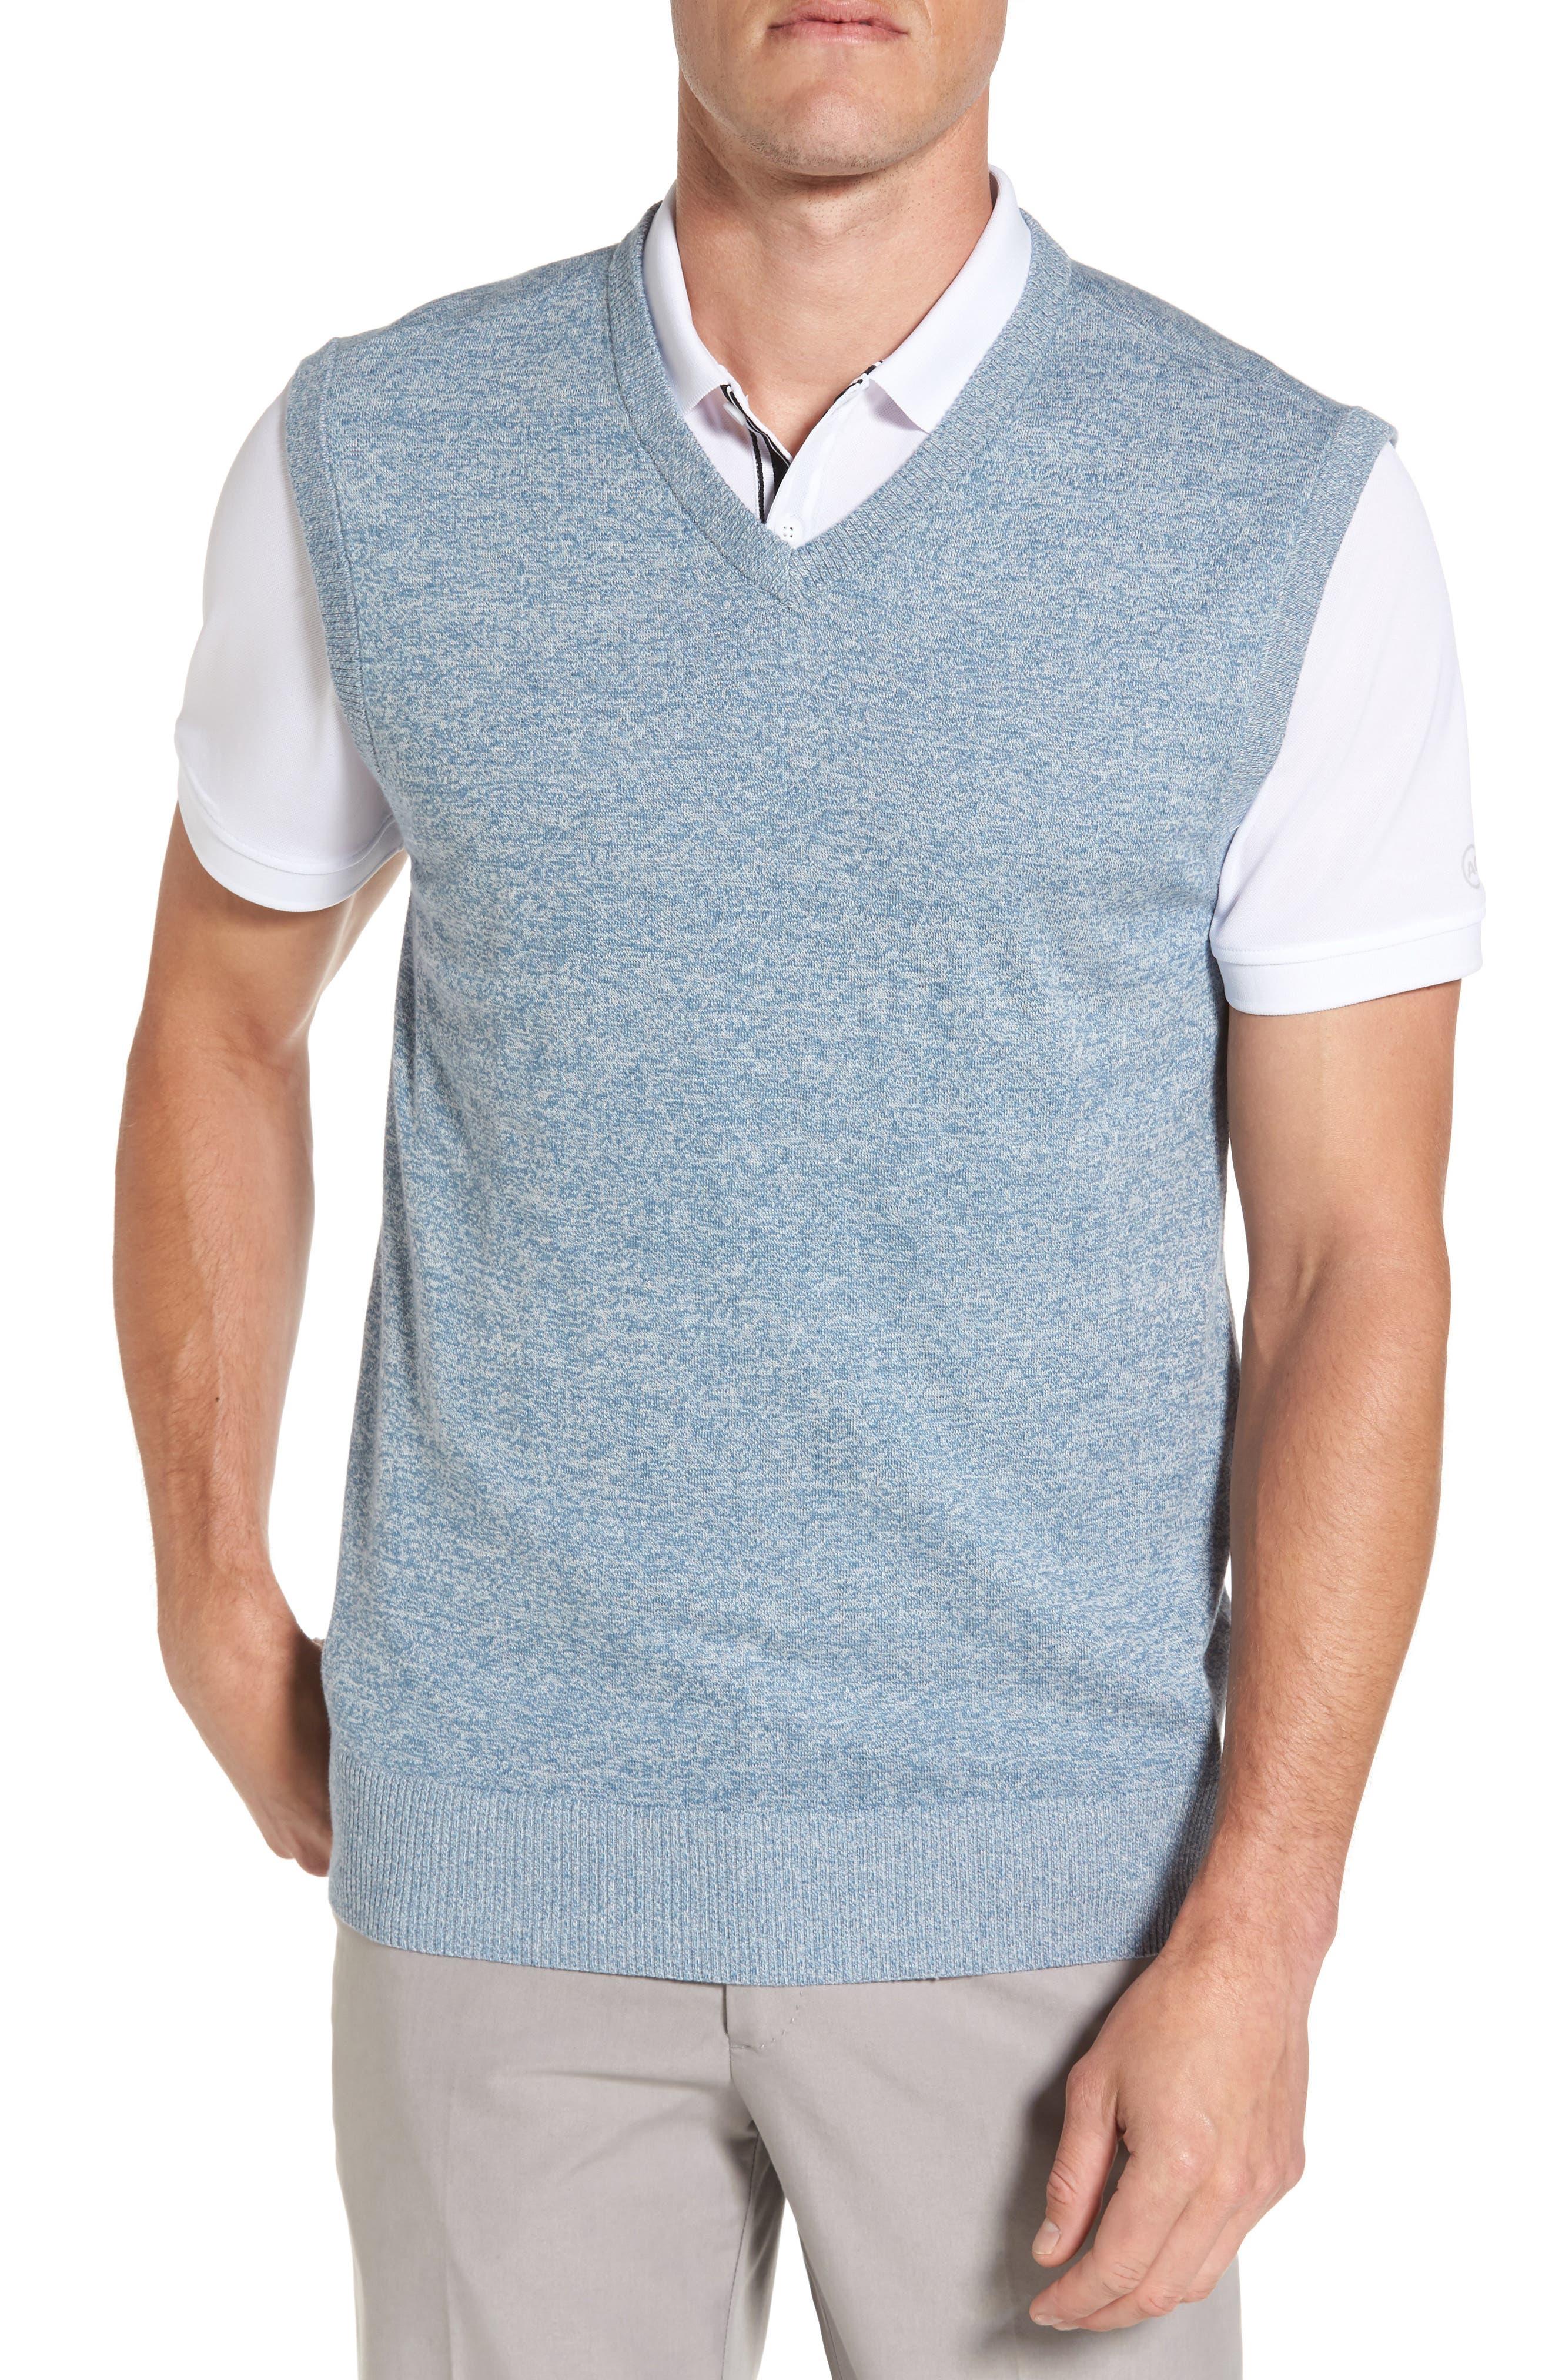 ag valley vneck sweater vest